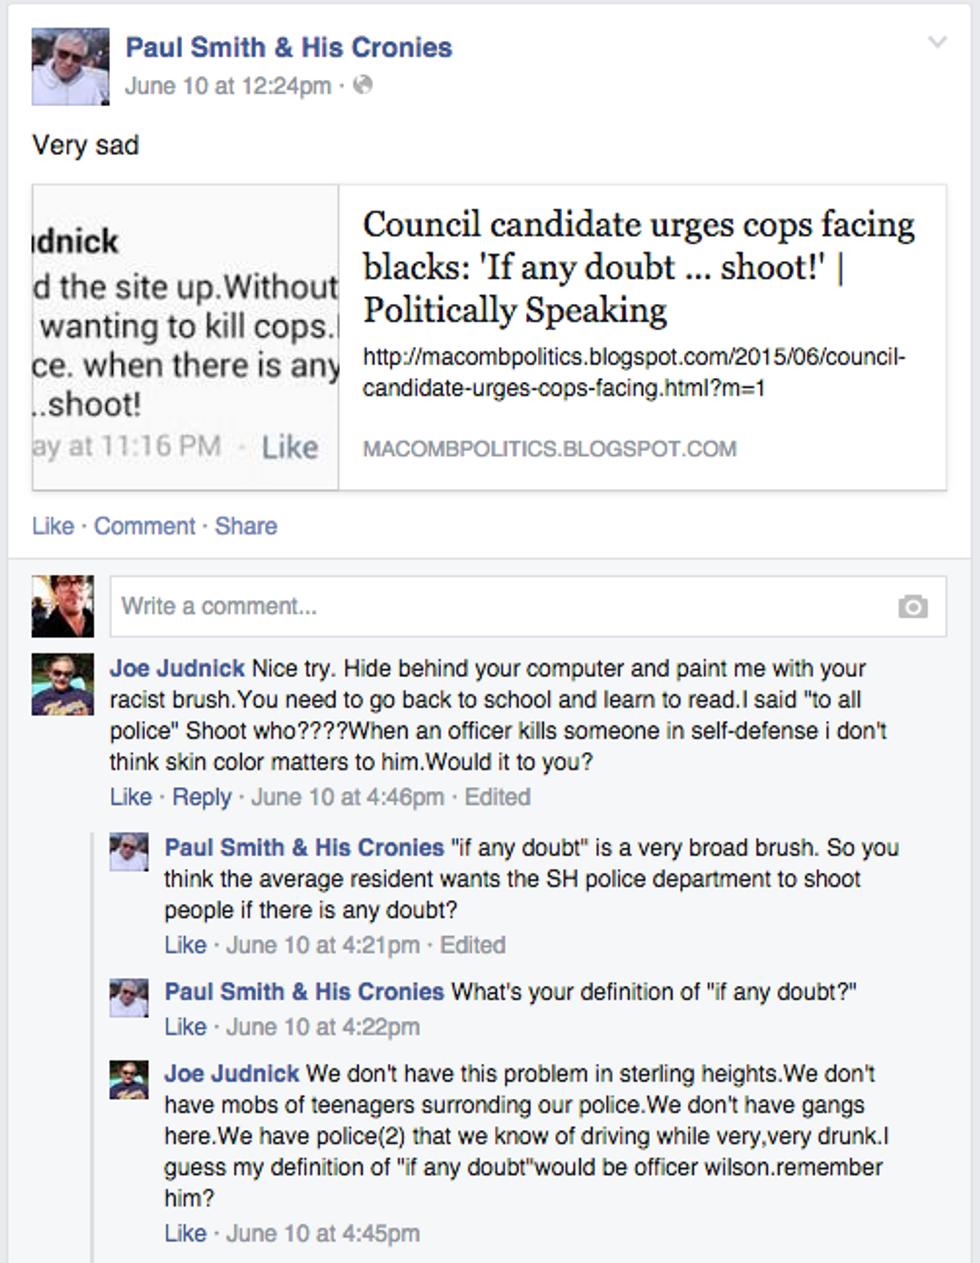 Joe Judnick comments Facebook